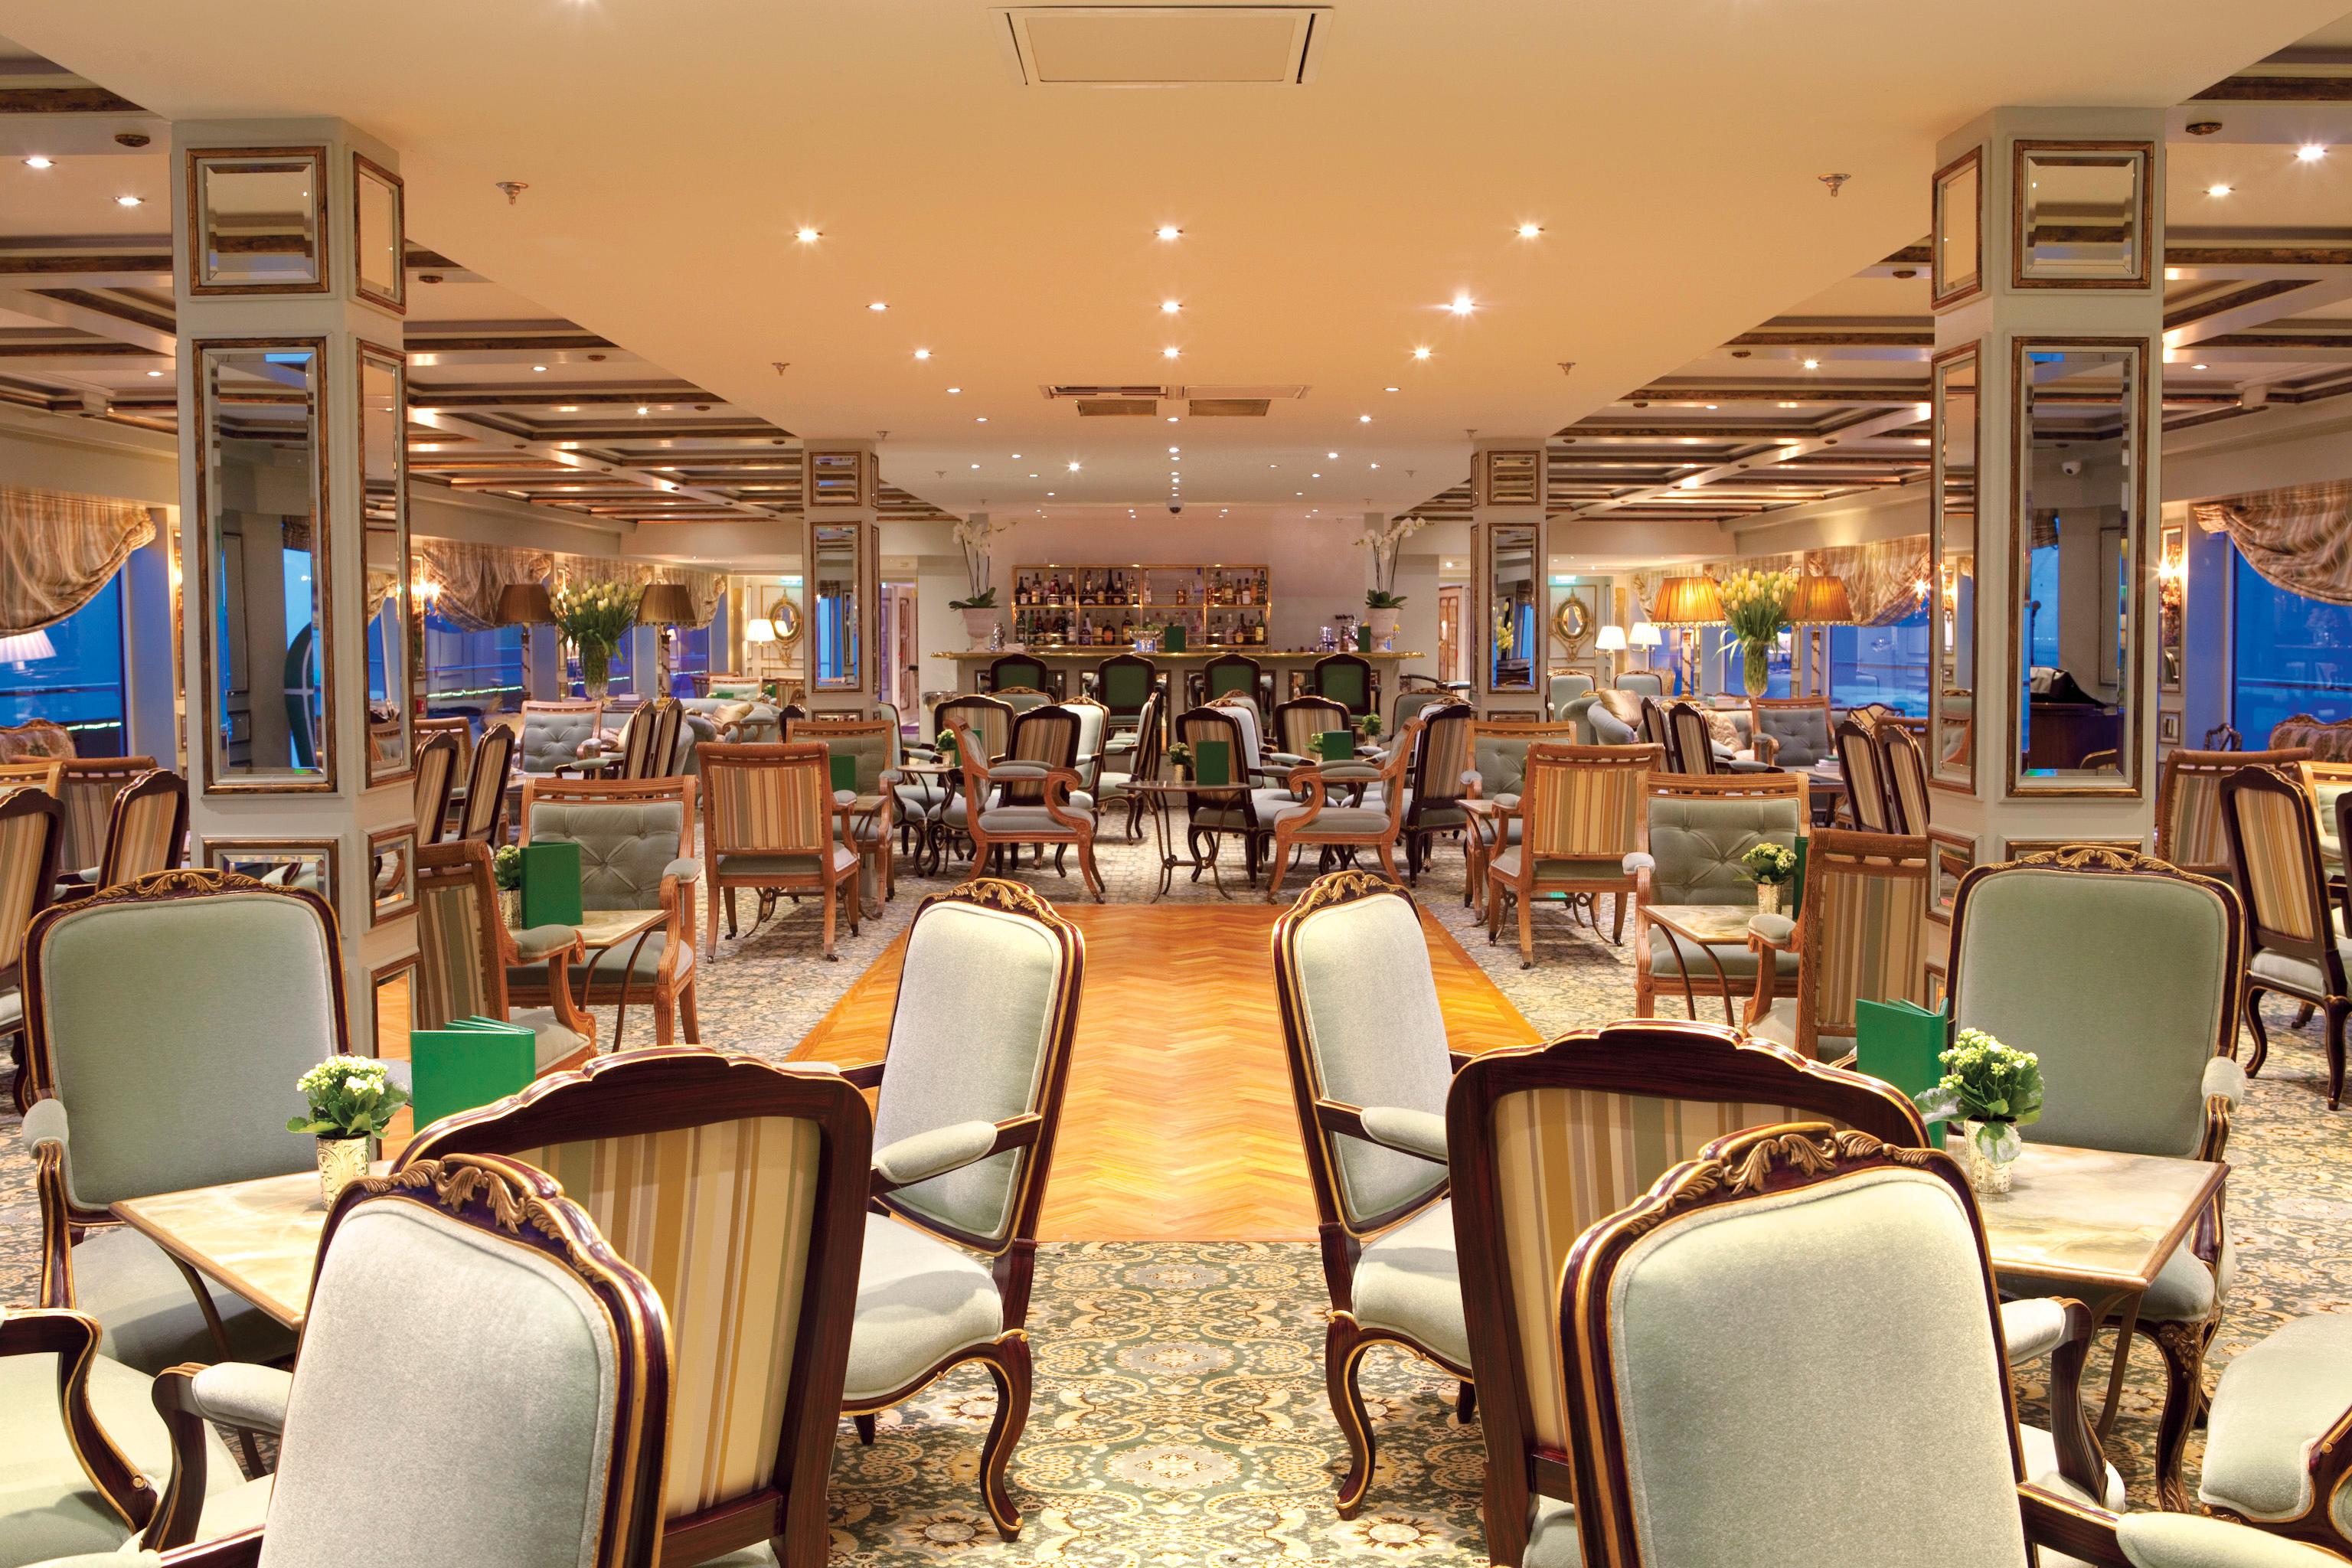 UNIWORLD Boutique River Cruises SS Antoinette Interior Salon Du Grand Trianon 4.jpg